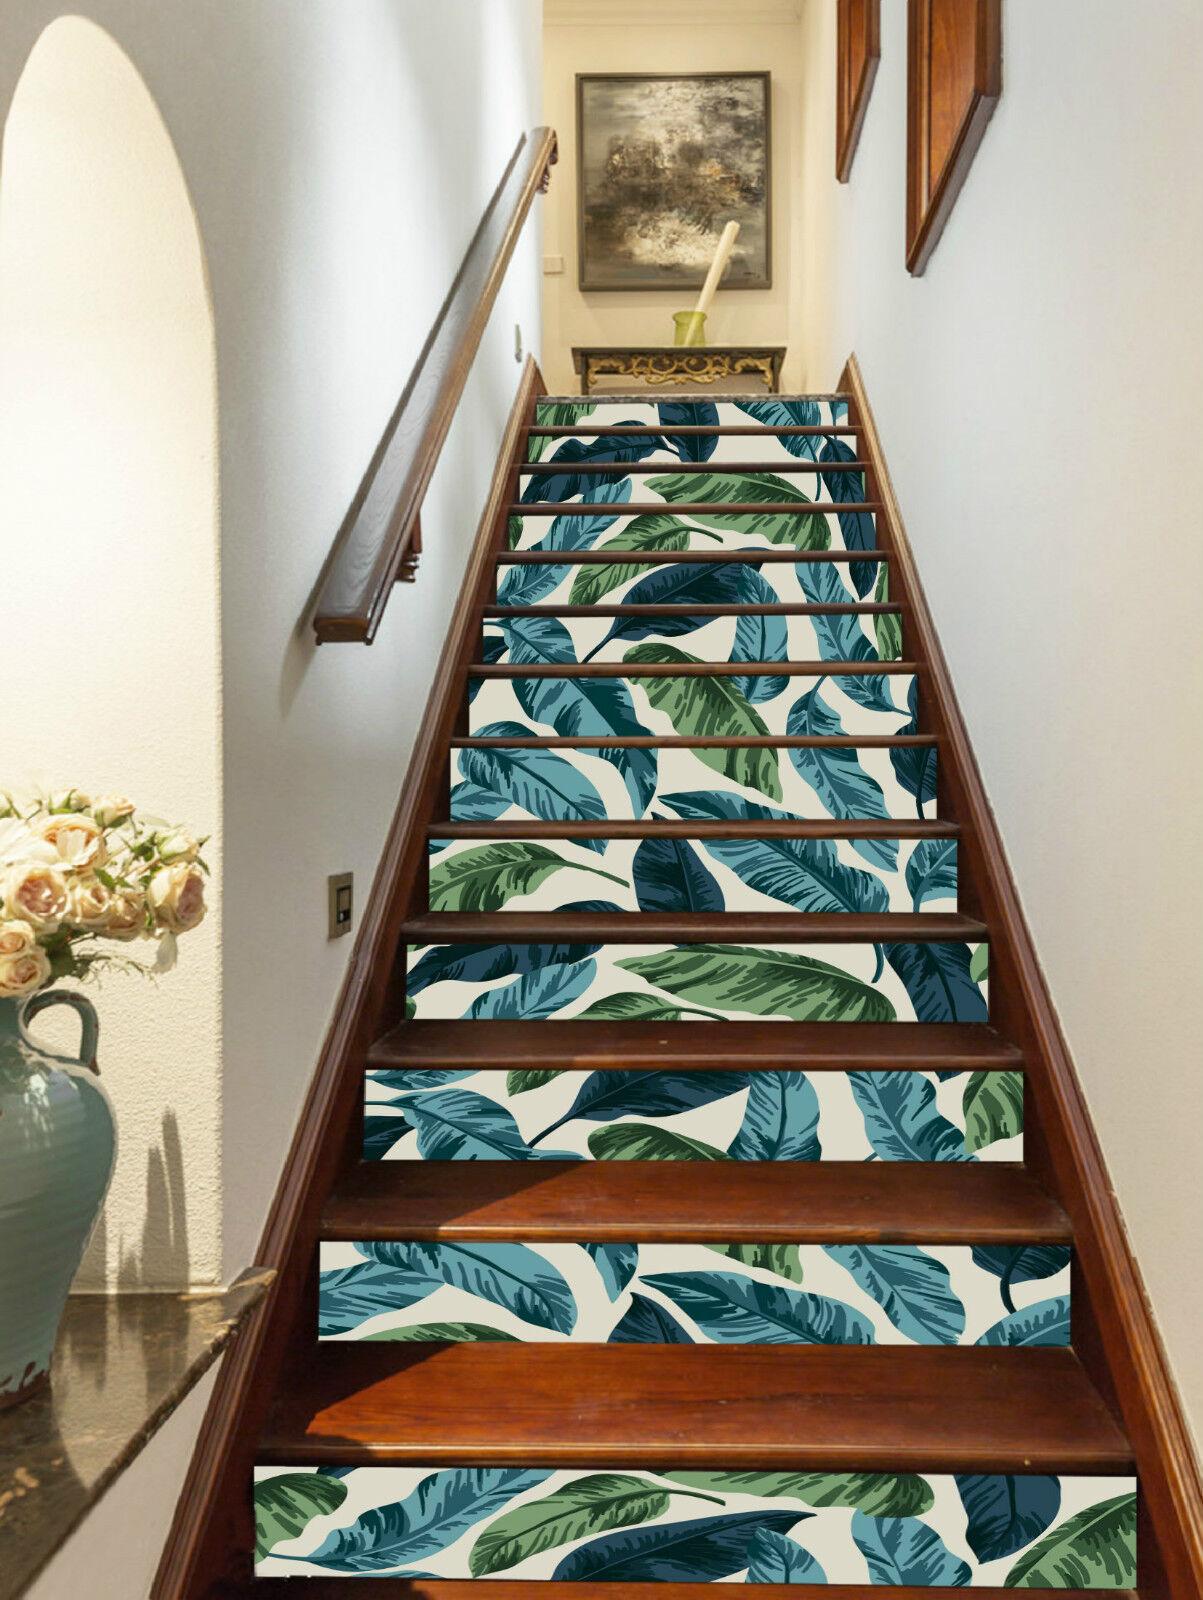 3D Blatt Muster 300 Stair Risers Dekoration Fototapete Vinyl Aufkleber Tapete DE